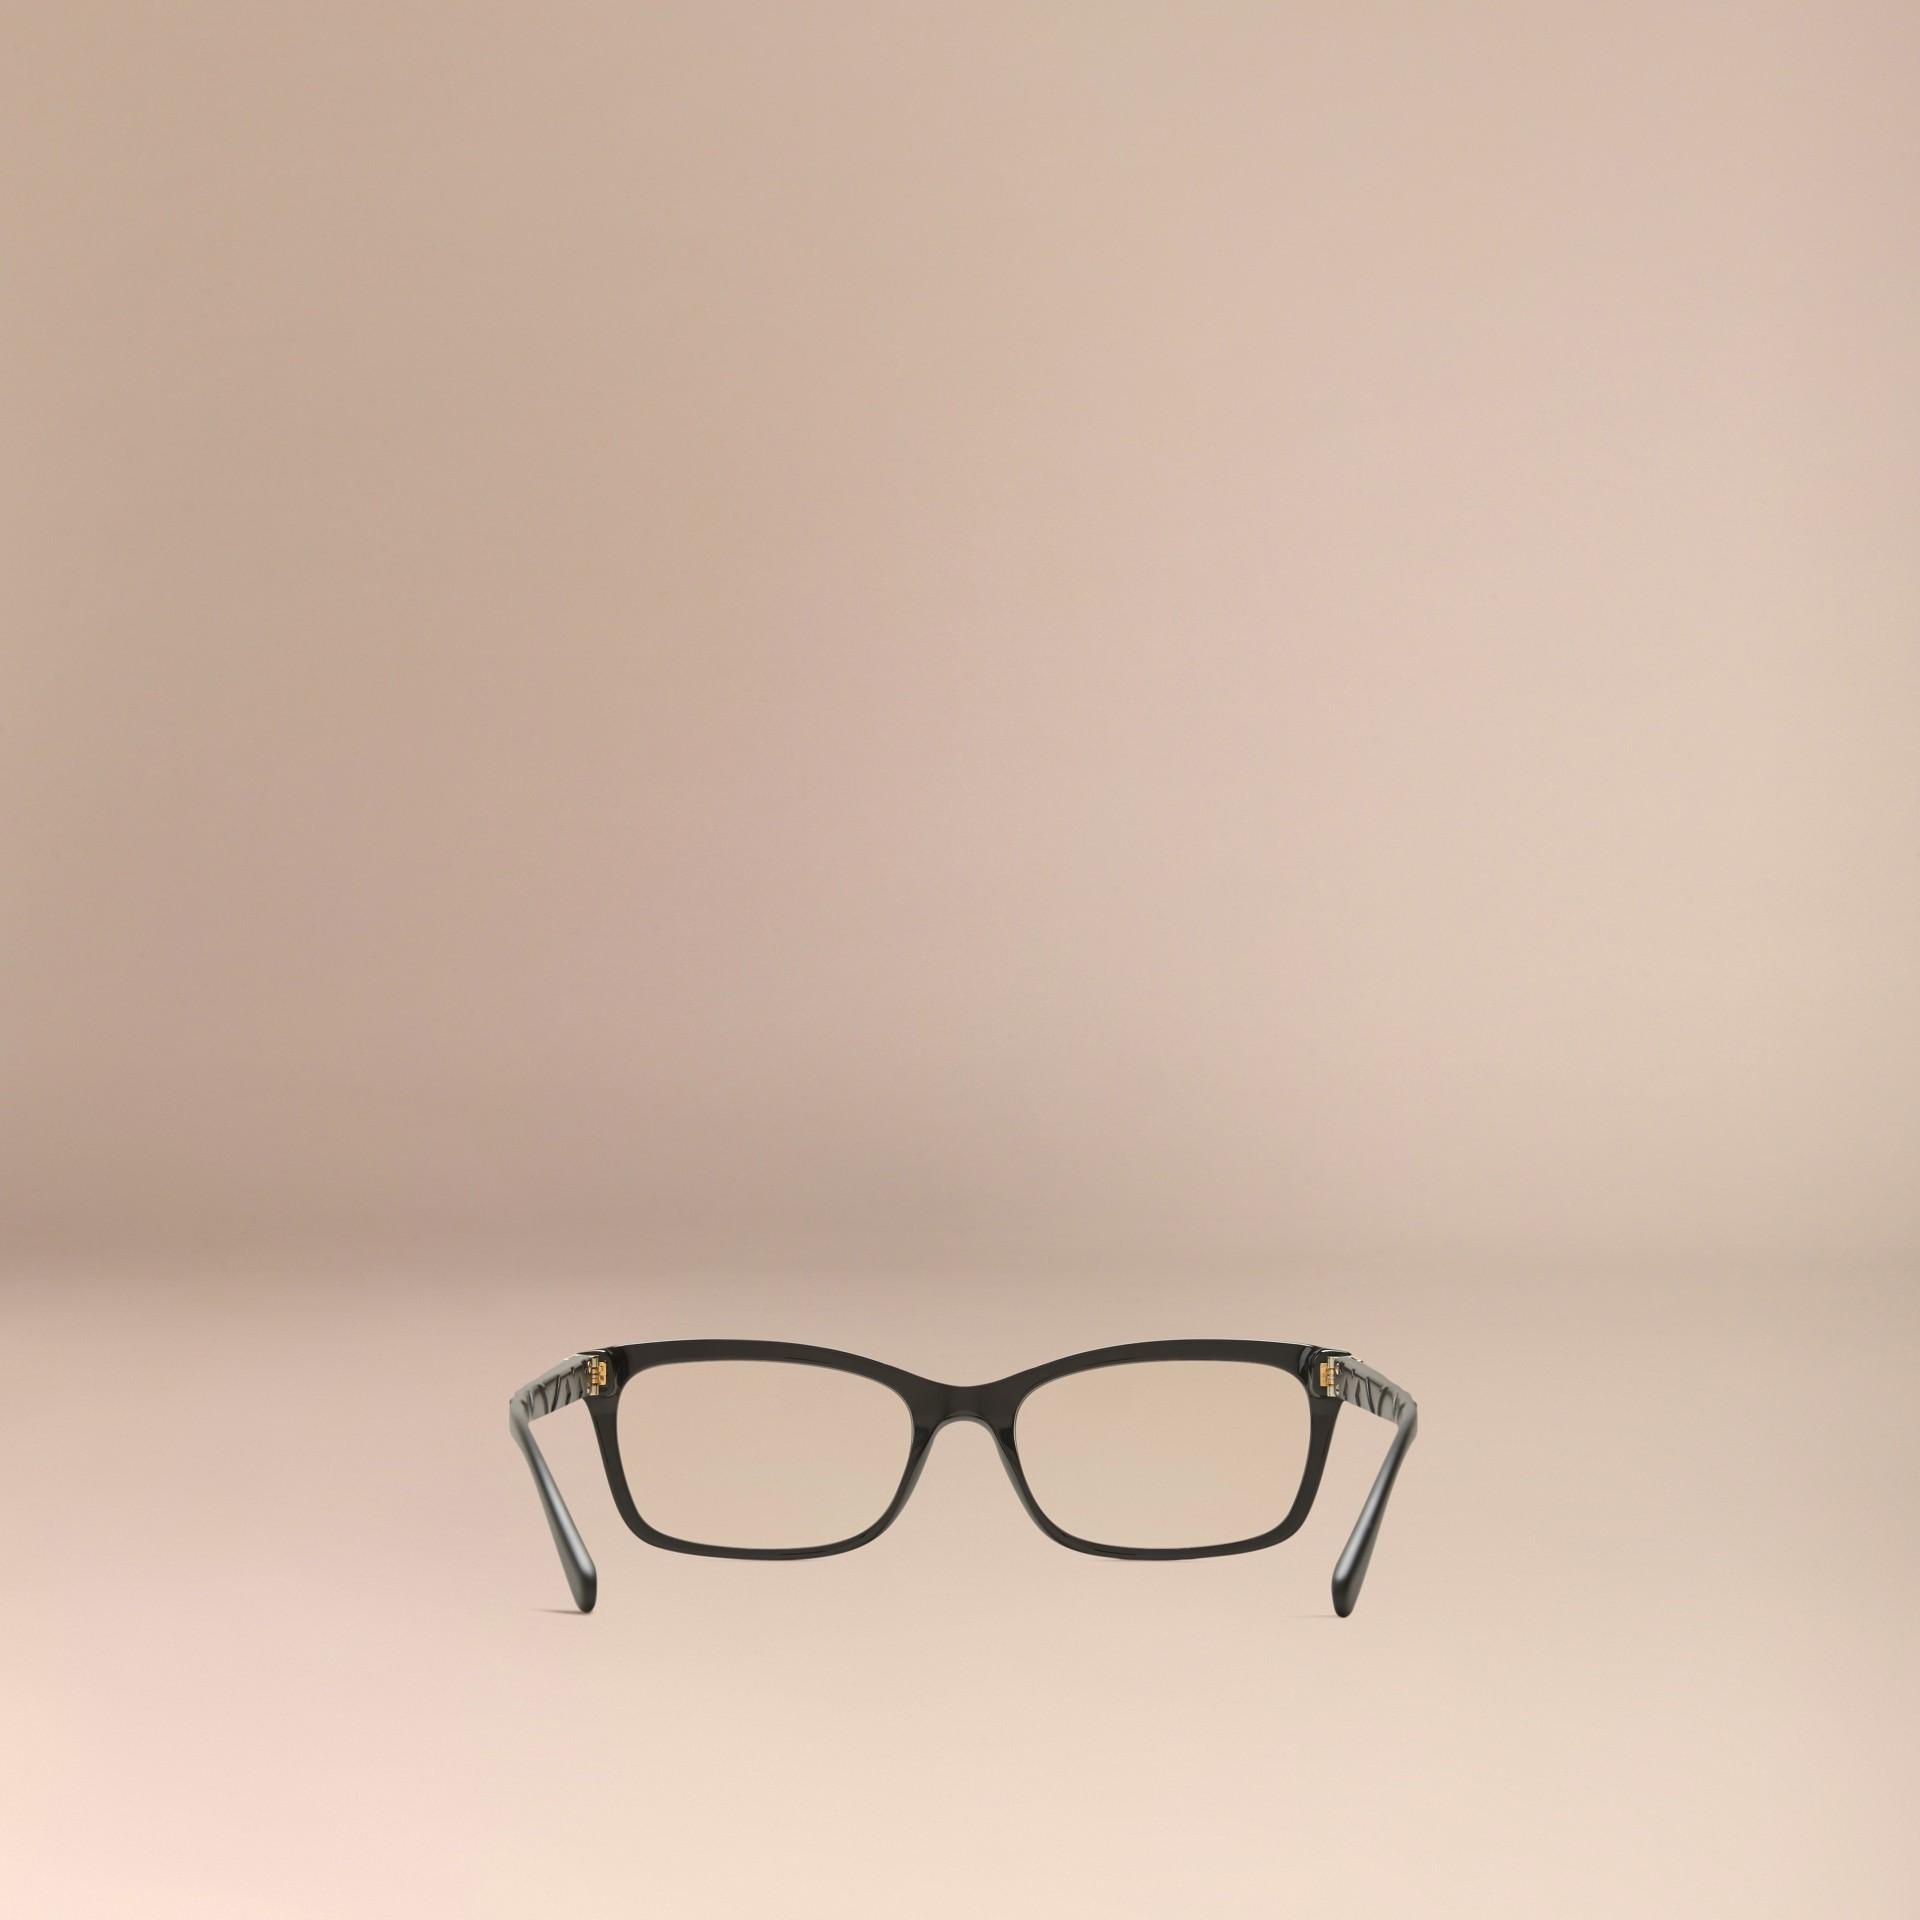 Noir Monture rectangulaire pour lunettes de vue avec détails check Noir - photo de la galerie 4